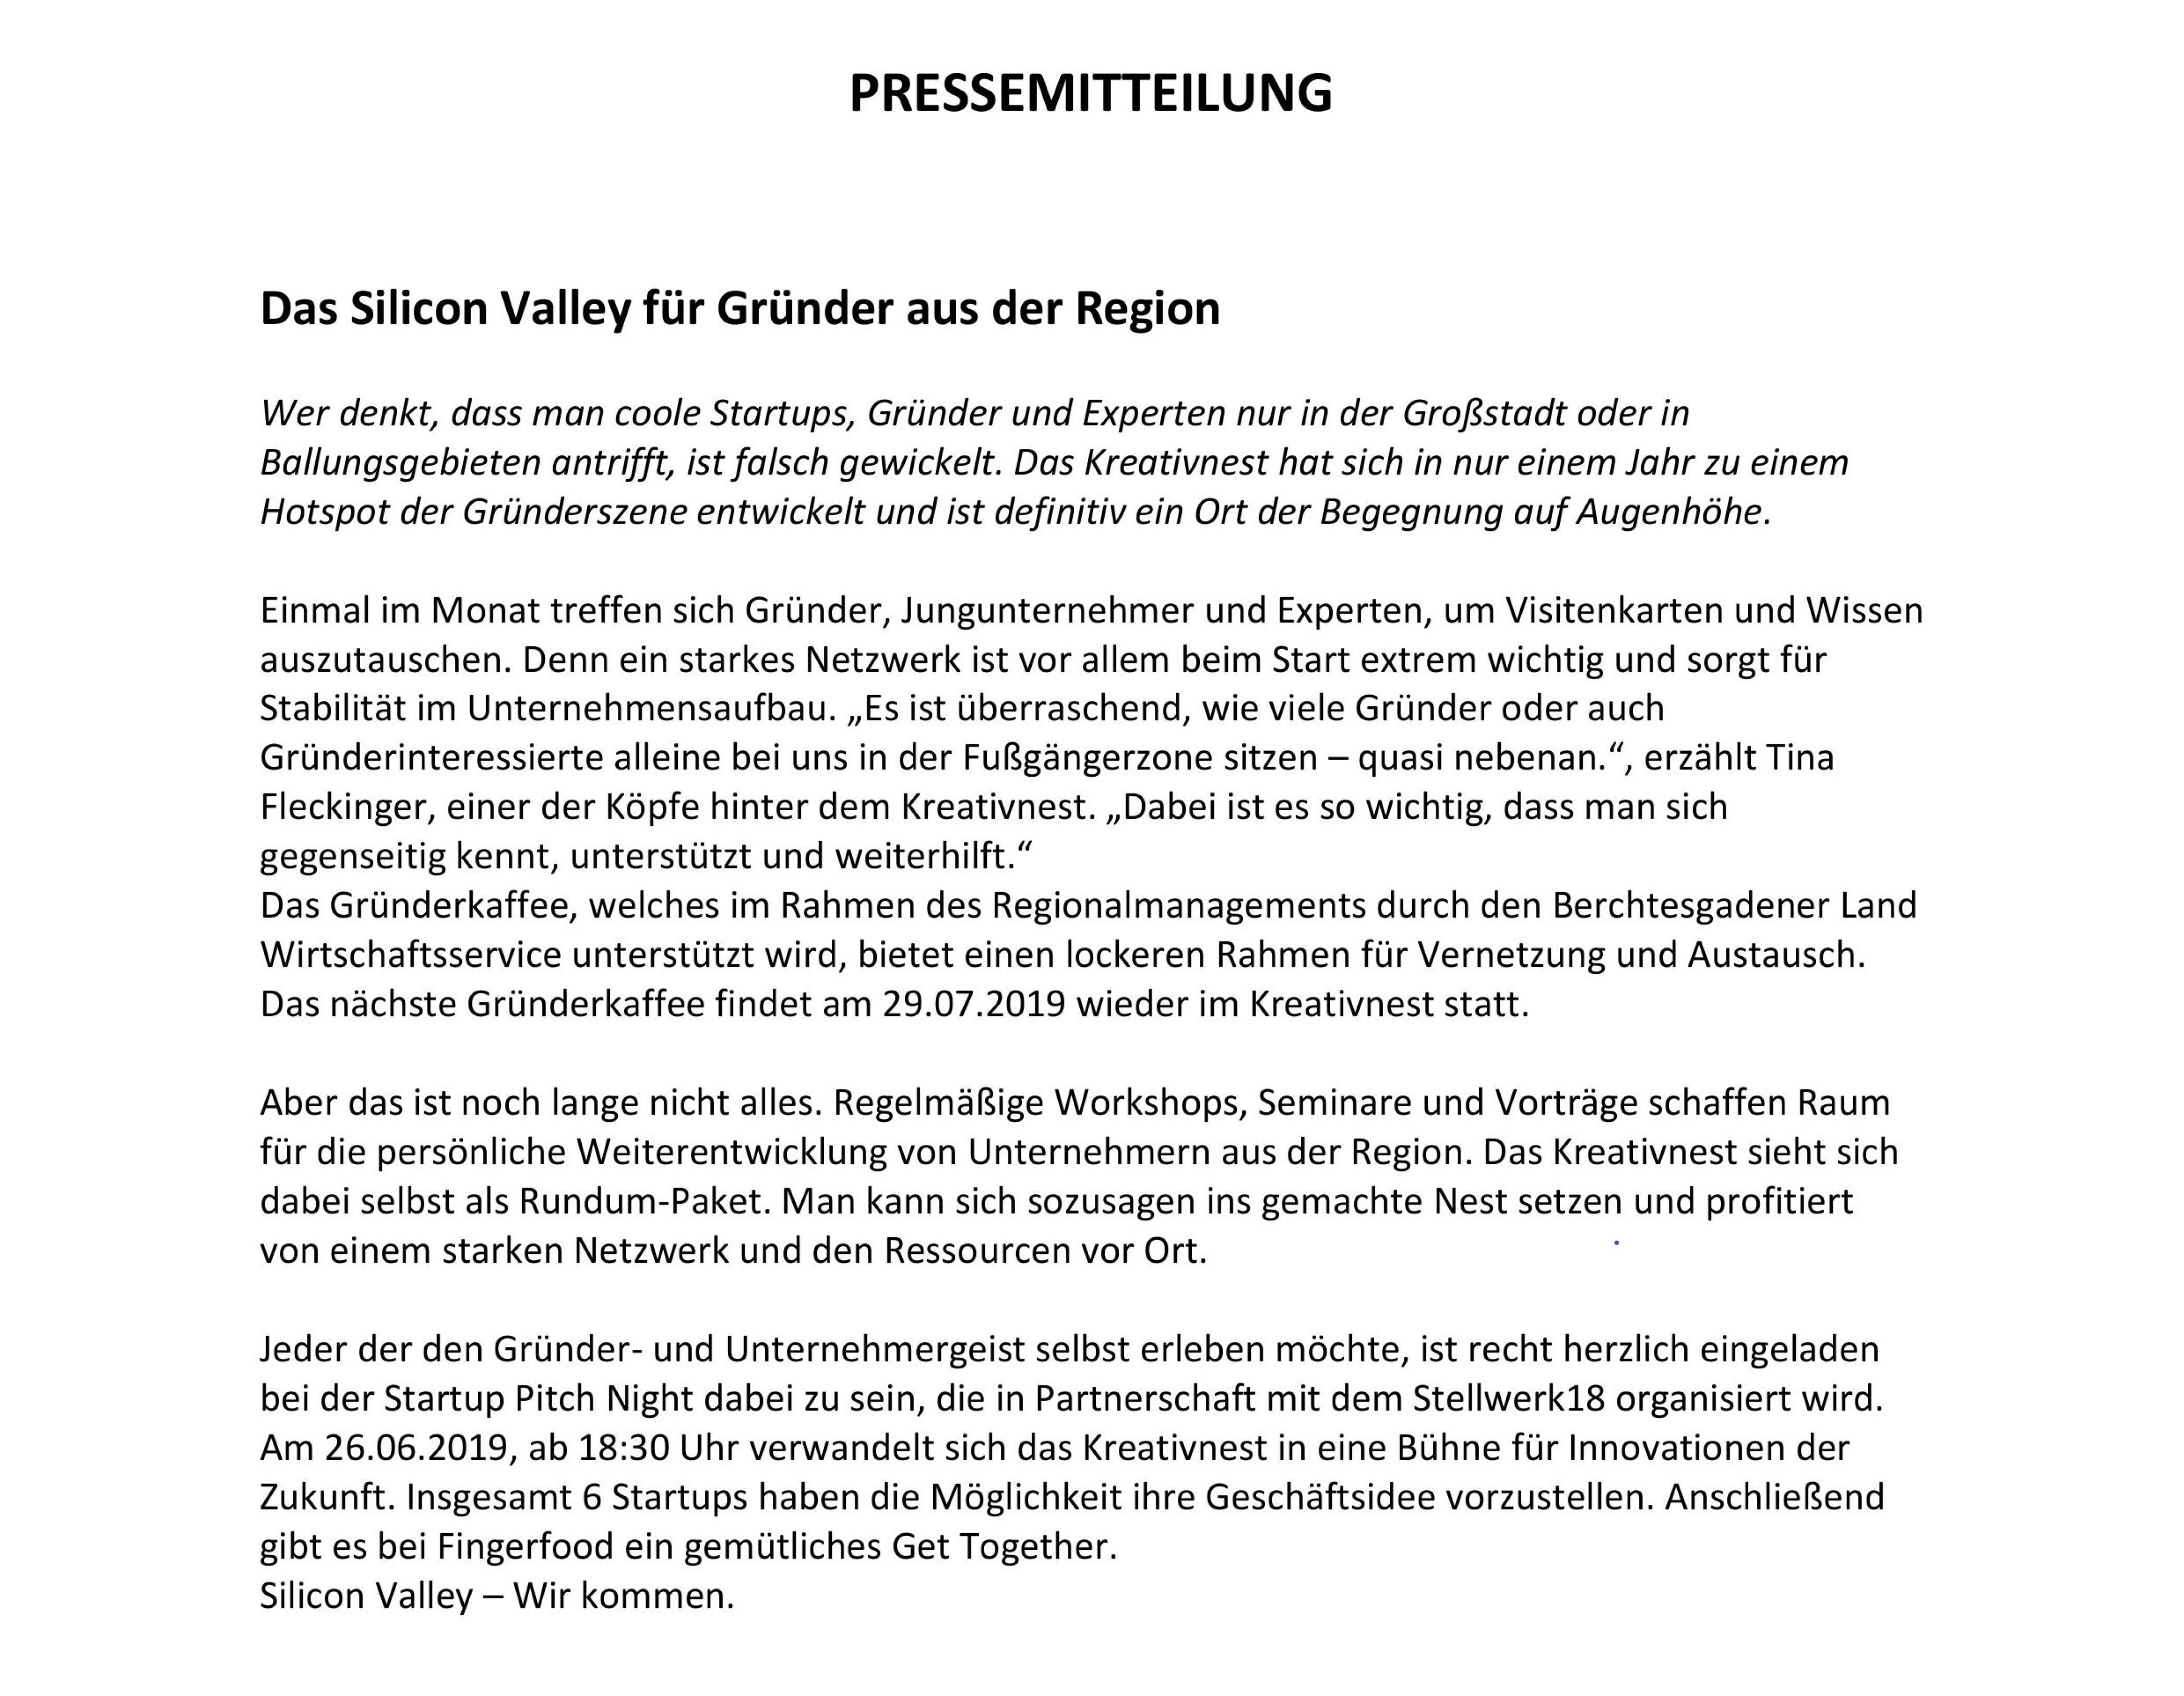 Pressemitteilung Gründerkaffee #4